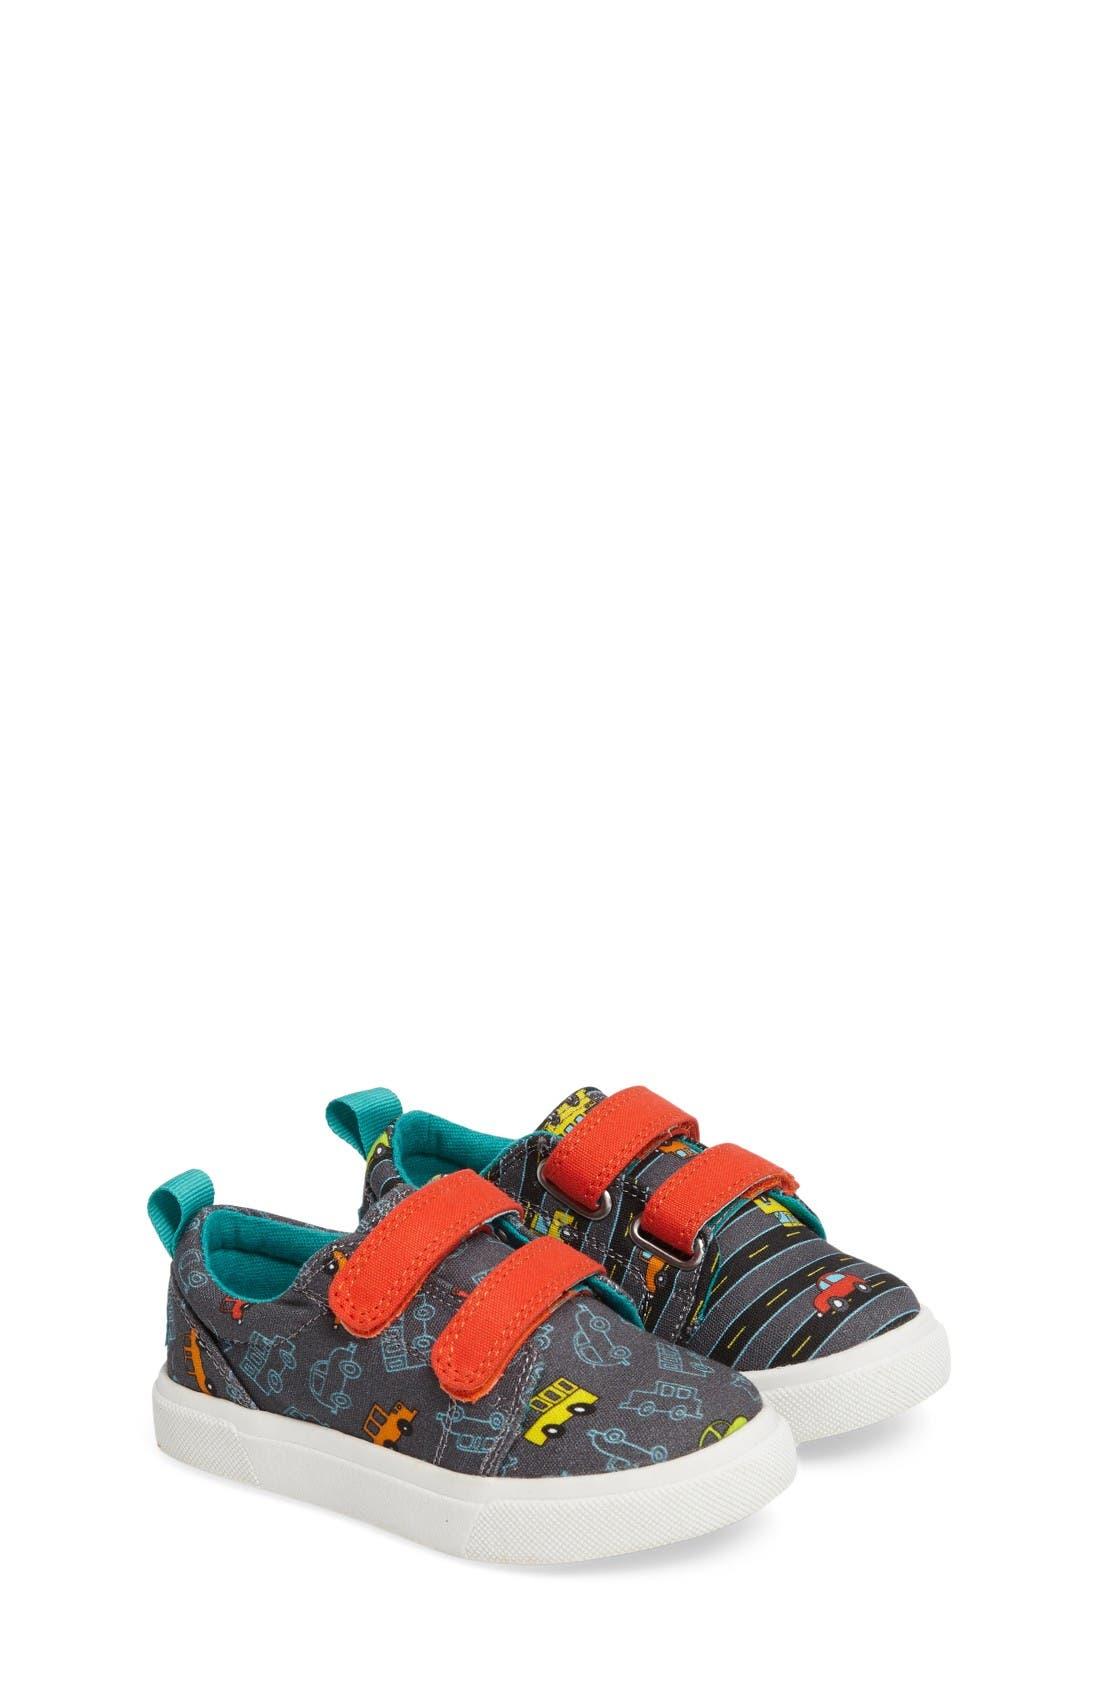 CHOOZE 'Little Choice' Sneaker